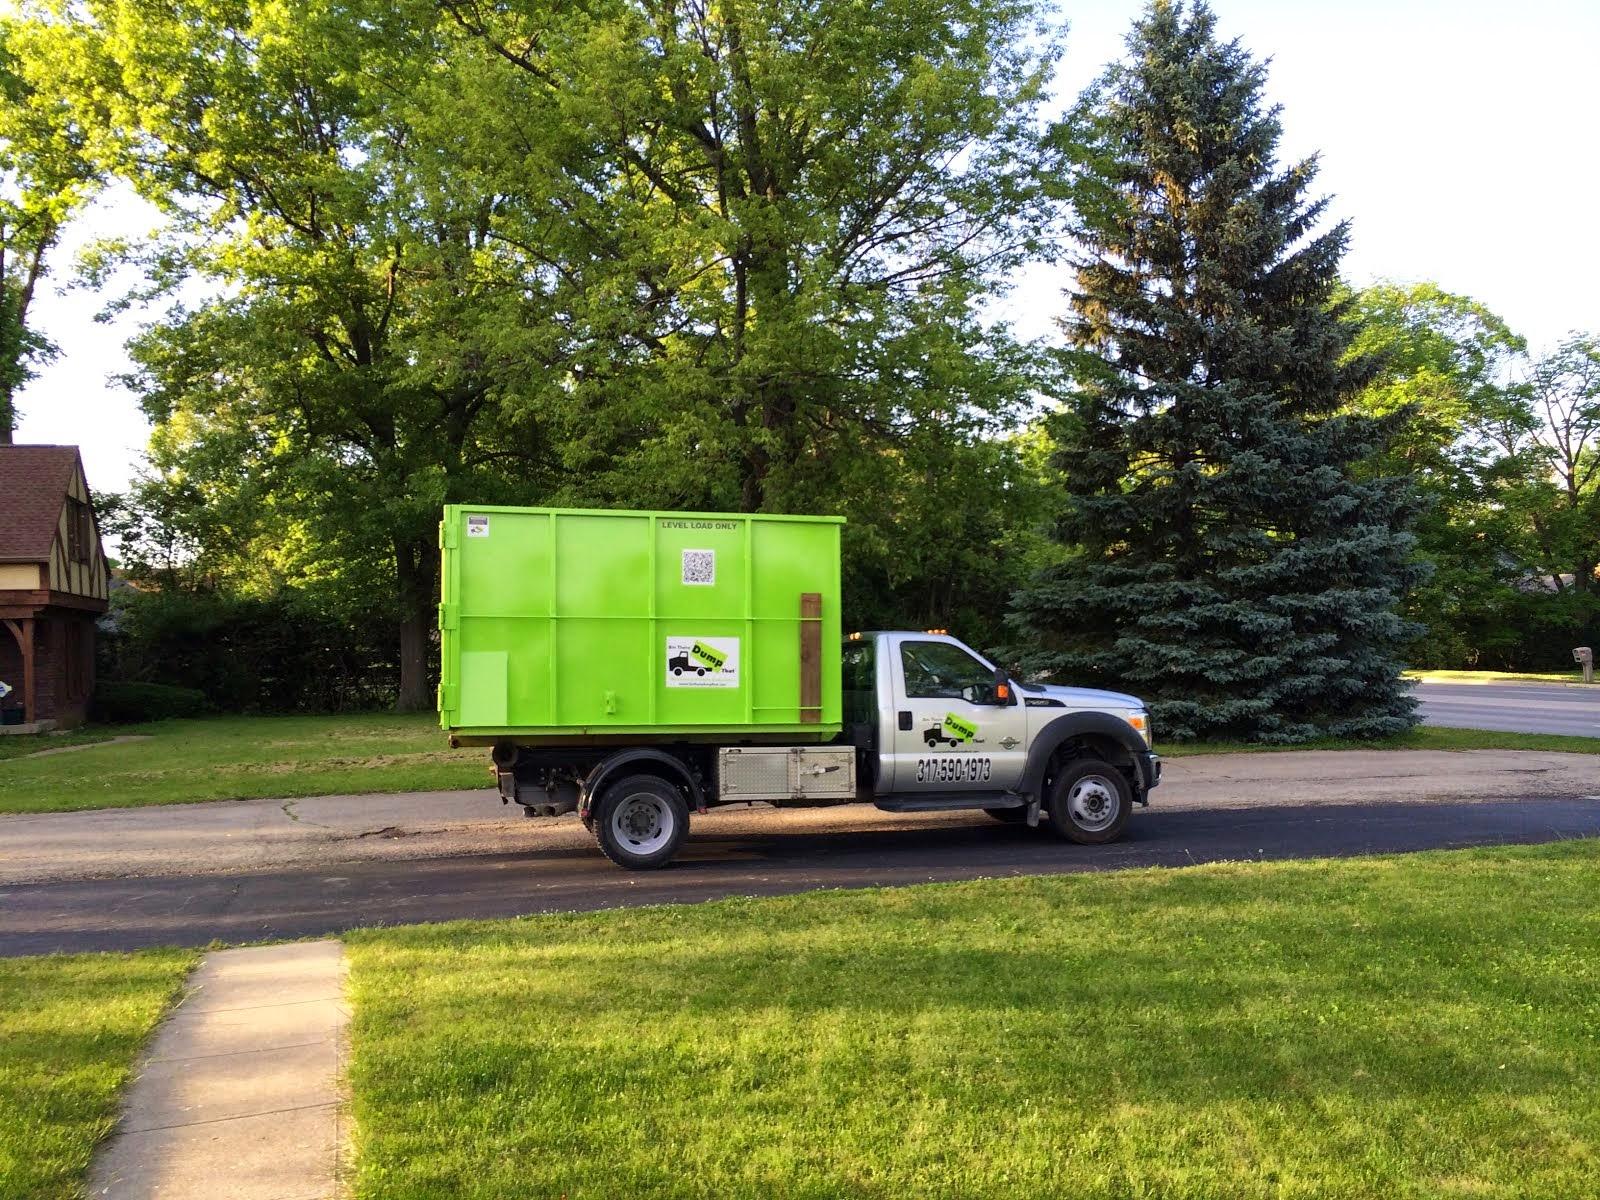 Bin Delivery Truck